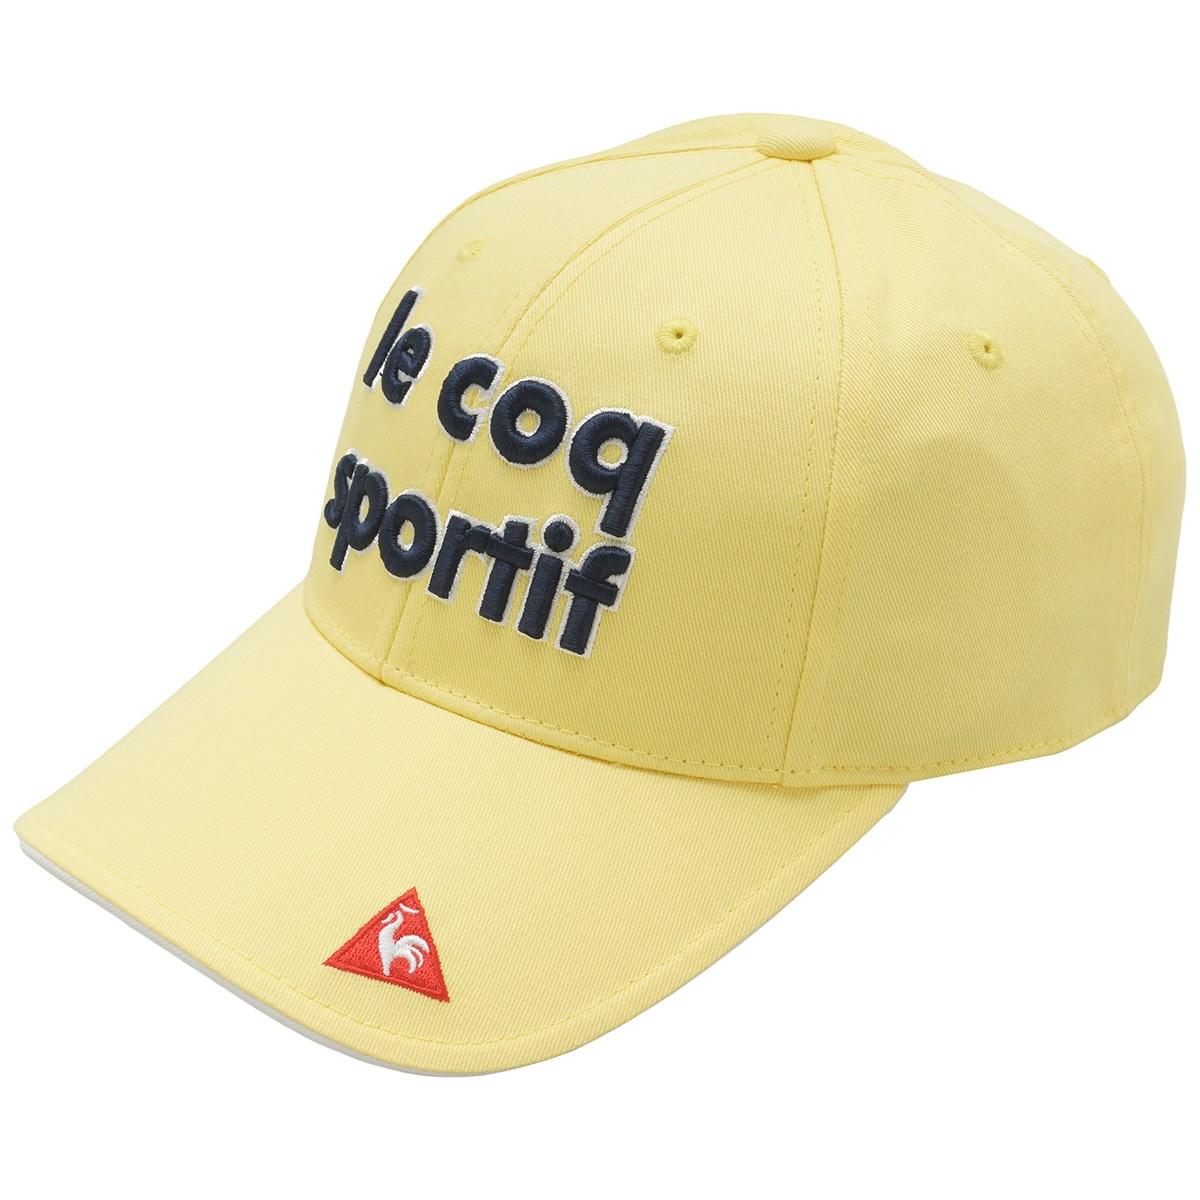 ルコックゴルフ Le coq sportif GOLF コットンツイルキャップ フリー イエロー 00 レディス